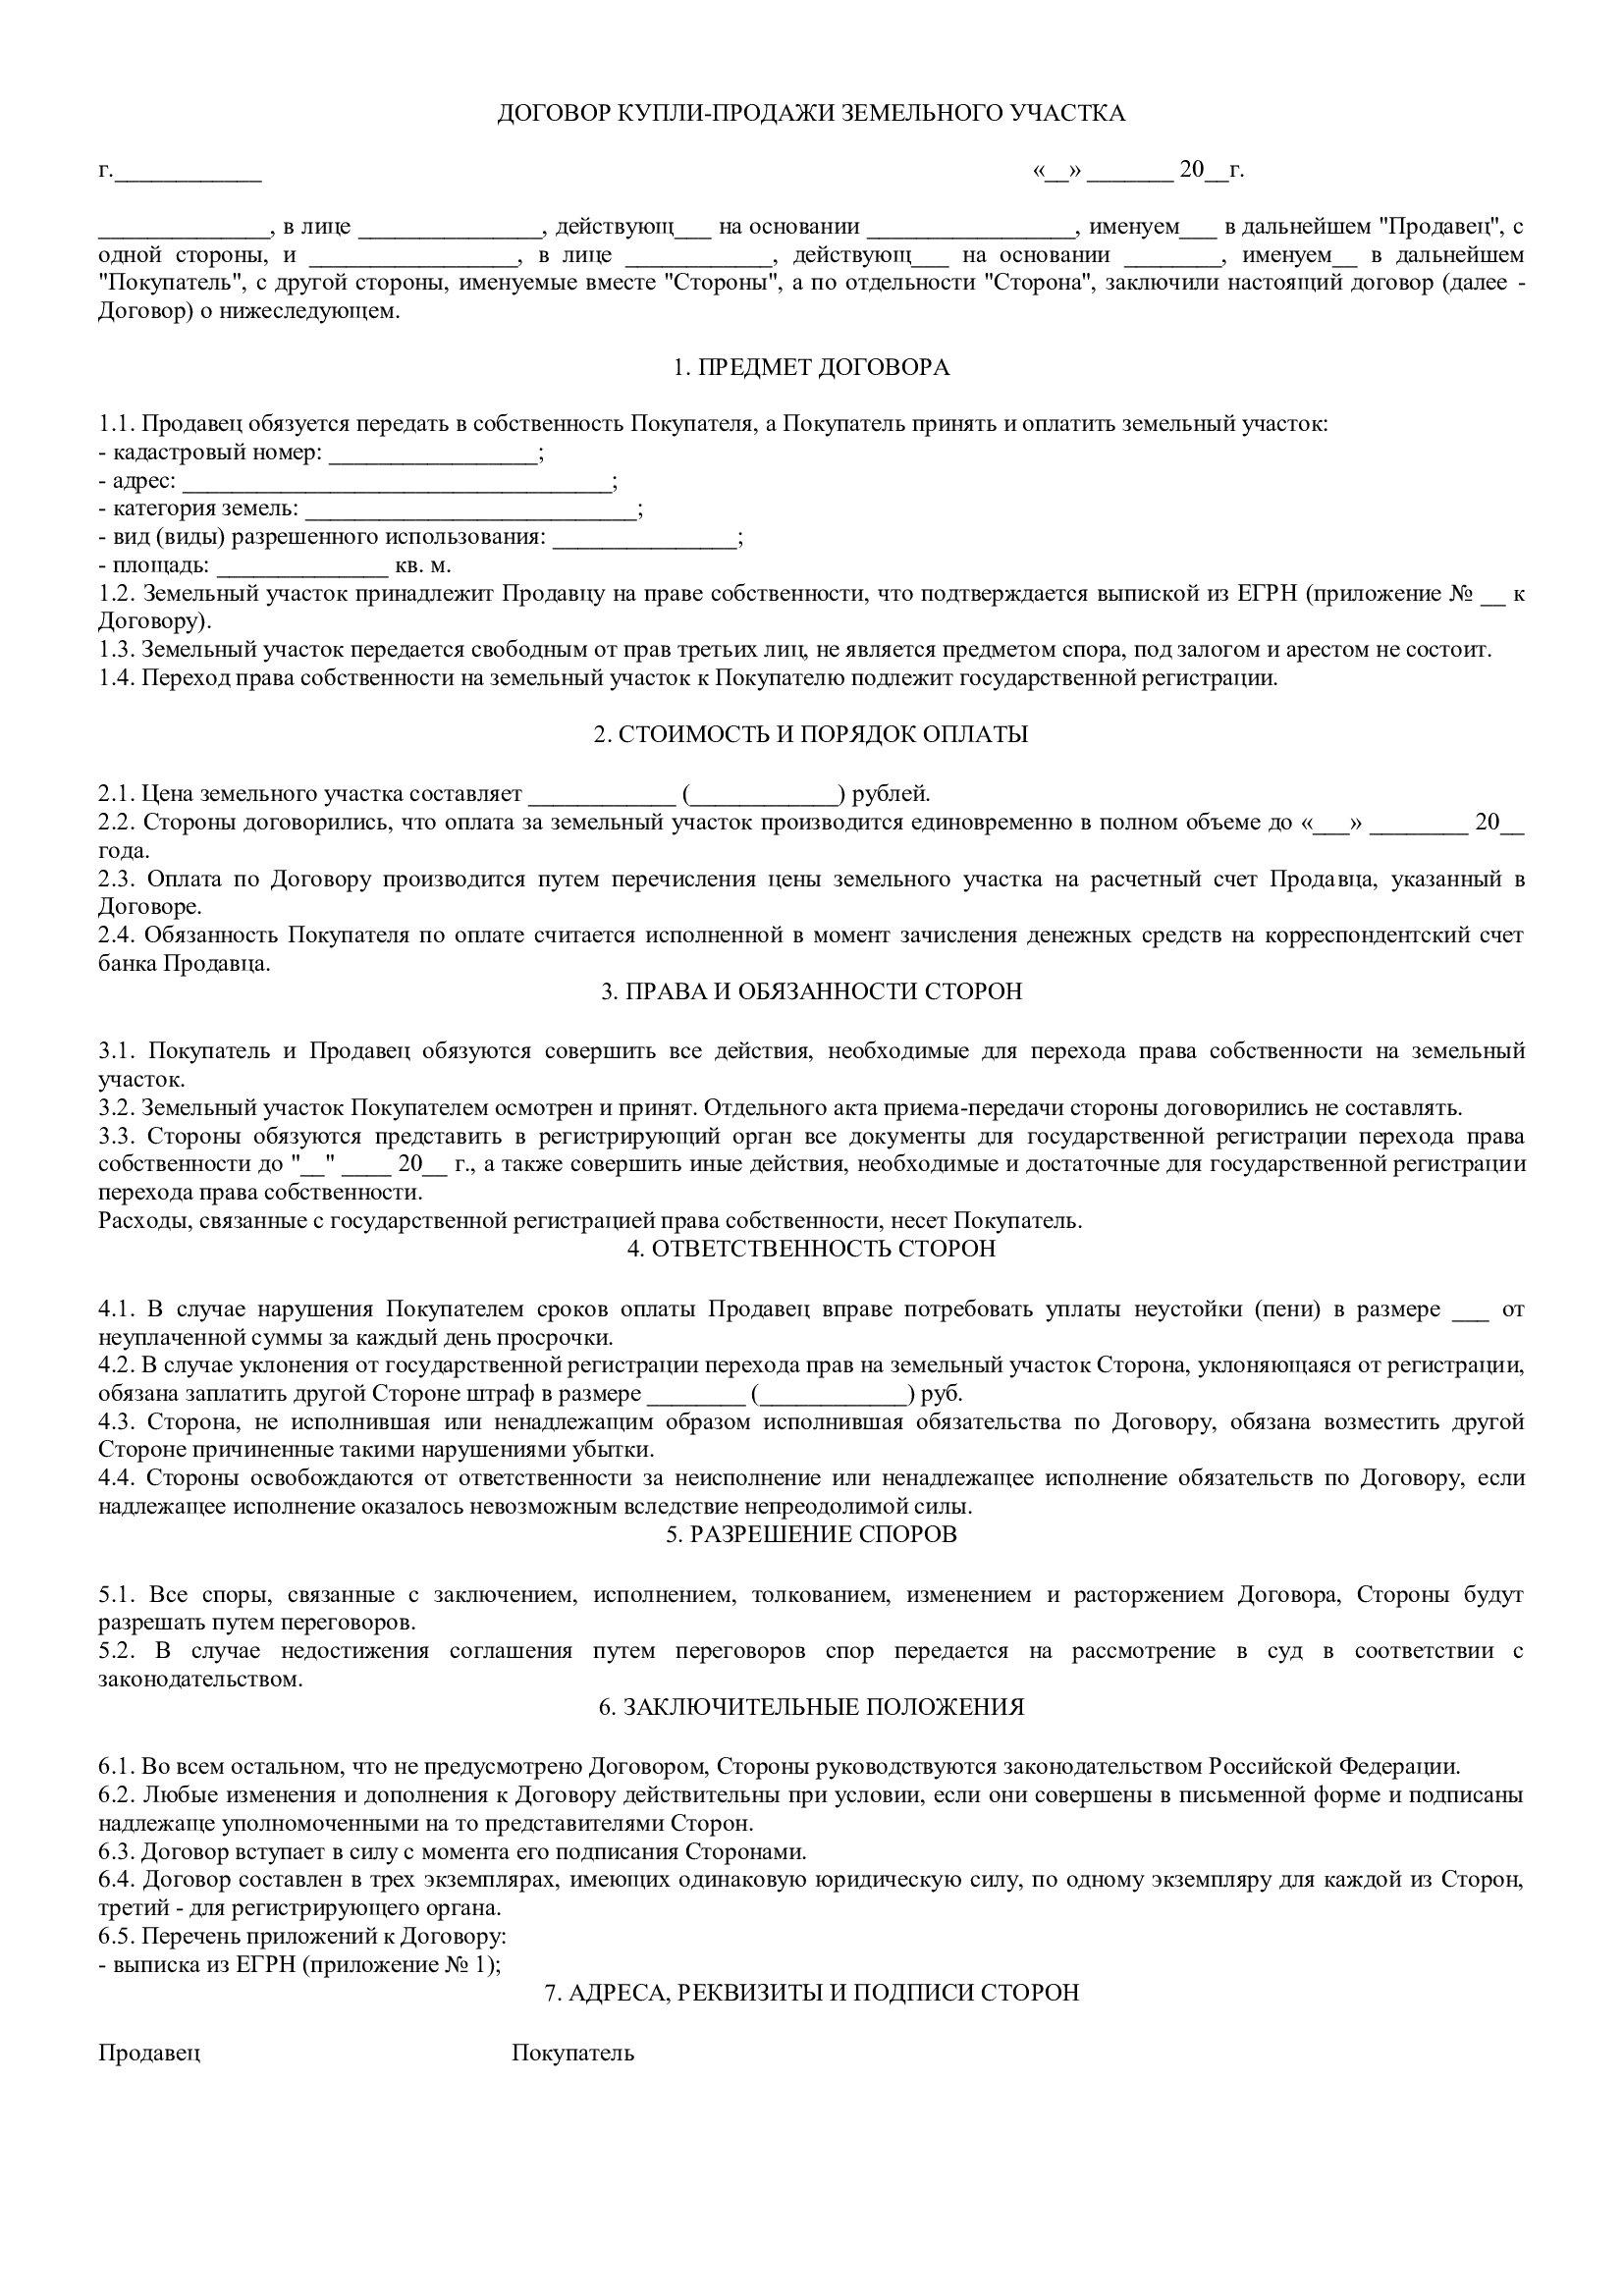 образец договора покупки земельного участка